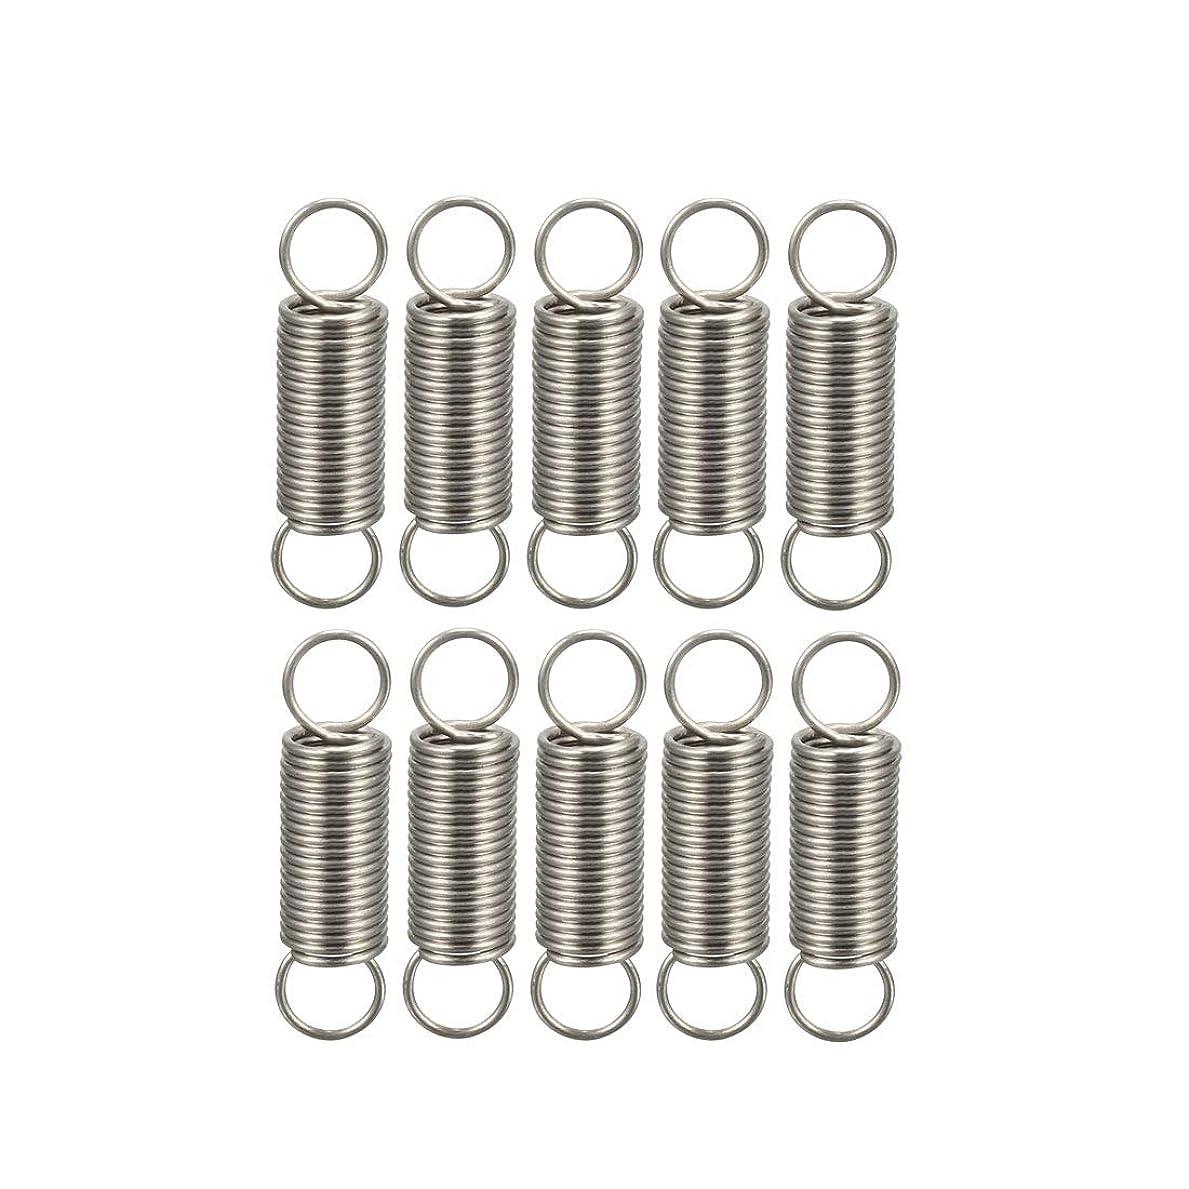 リーンライバル養うuxcell テンションスプリング 圧縮ばね ステンレス鋼材料 0.4x4x15mm 拡張圧縮スプリング 10個入り